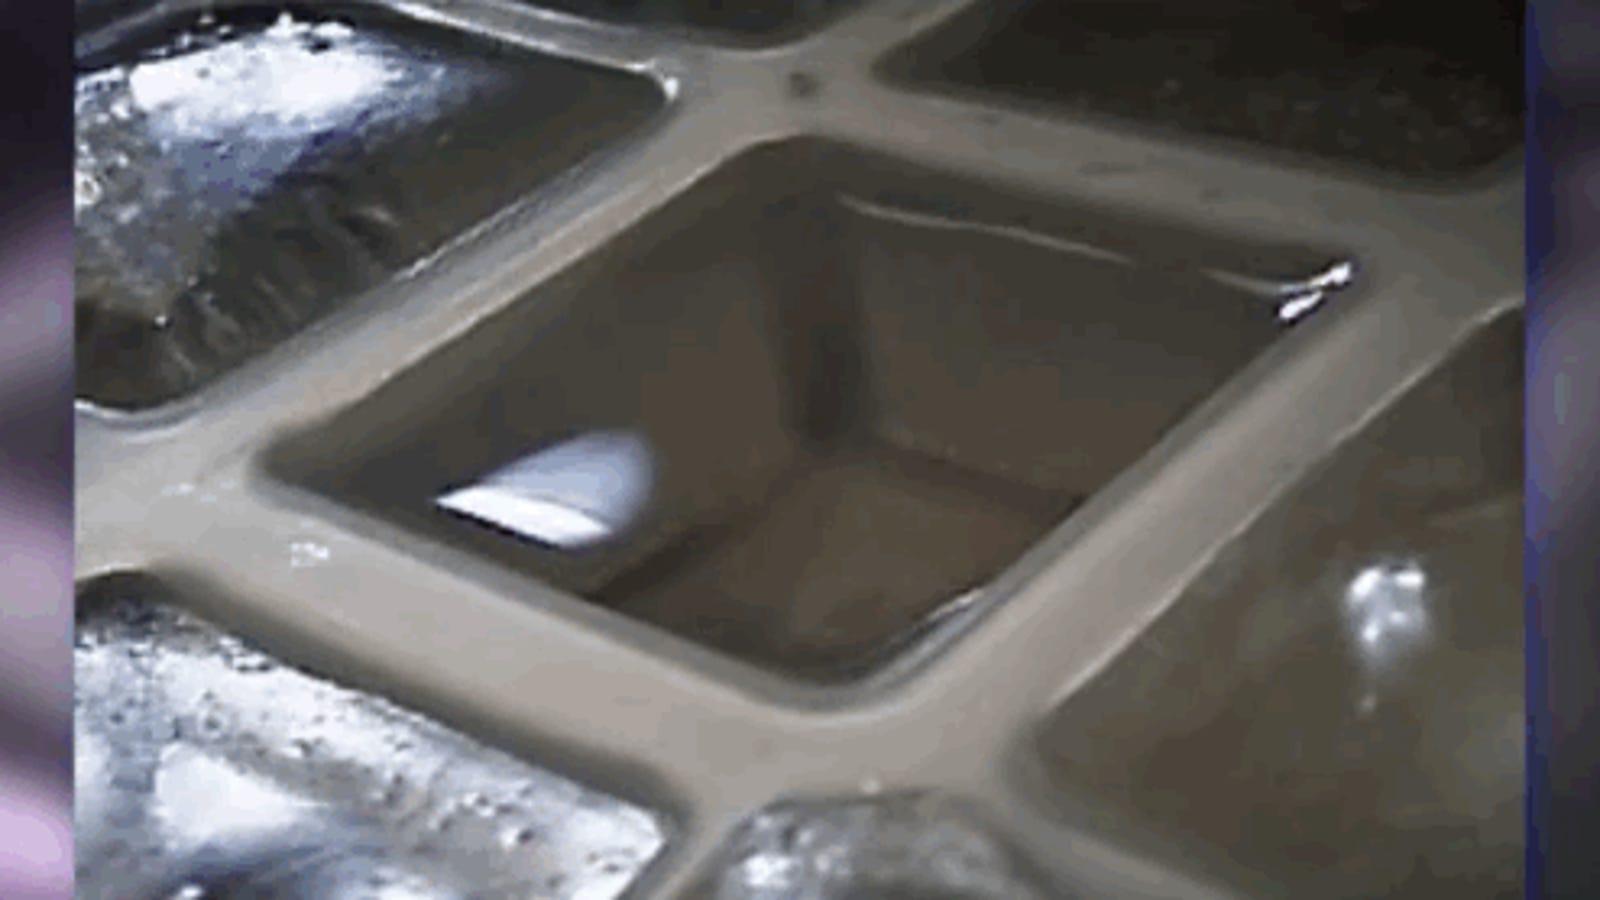 Cómo crear agua ultracongelada fácilmente desde casa